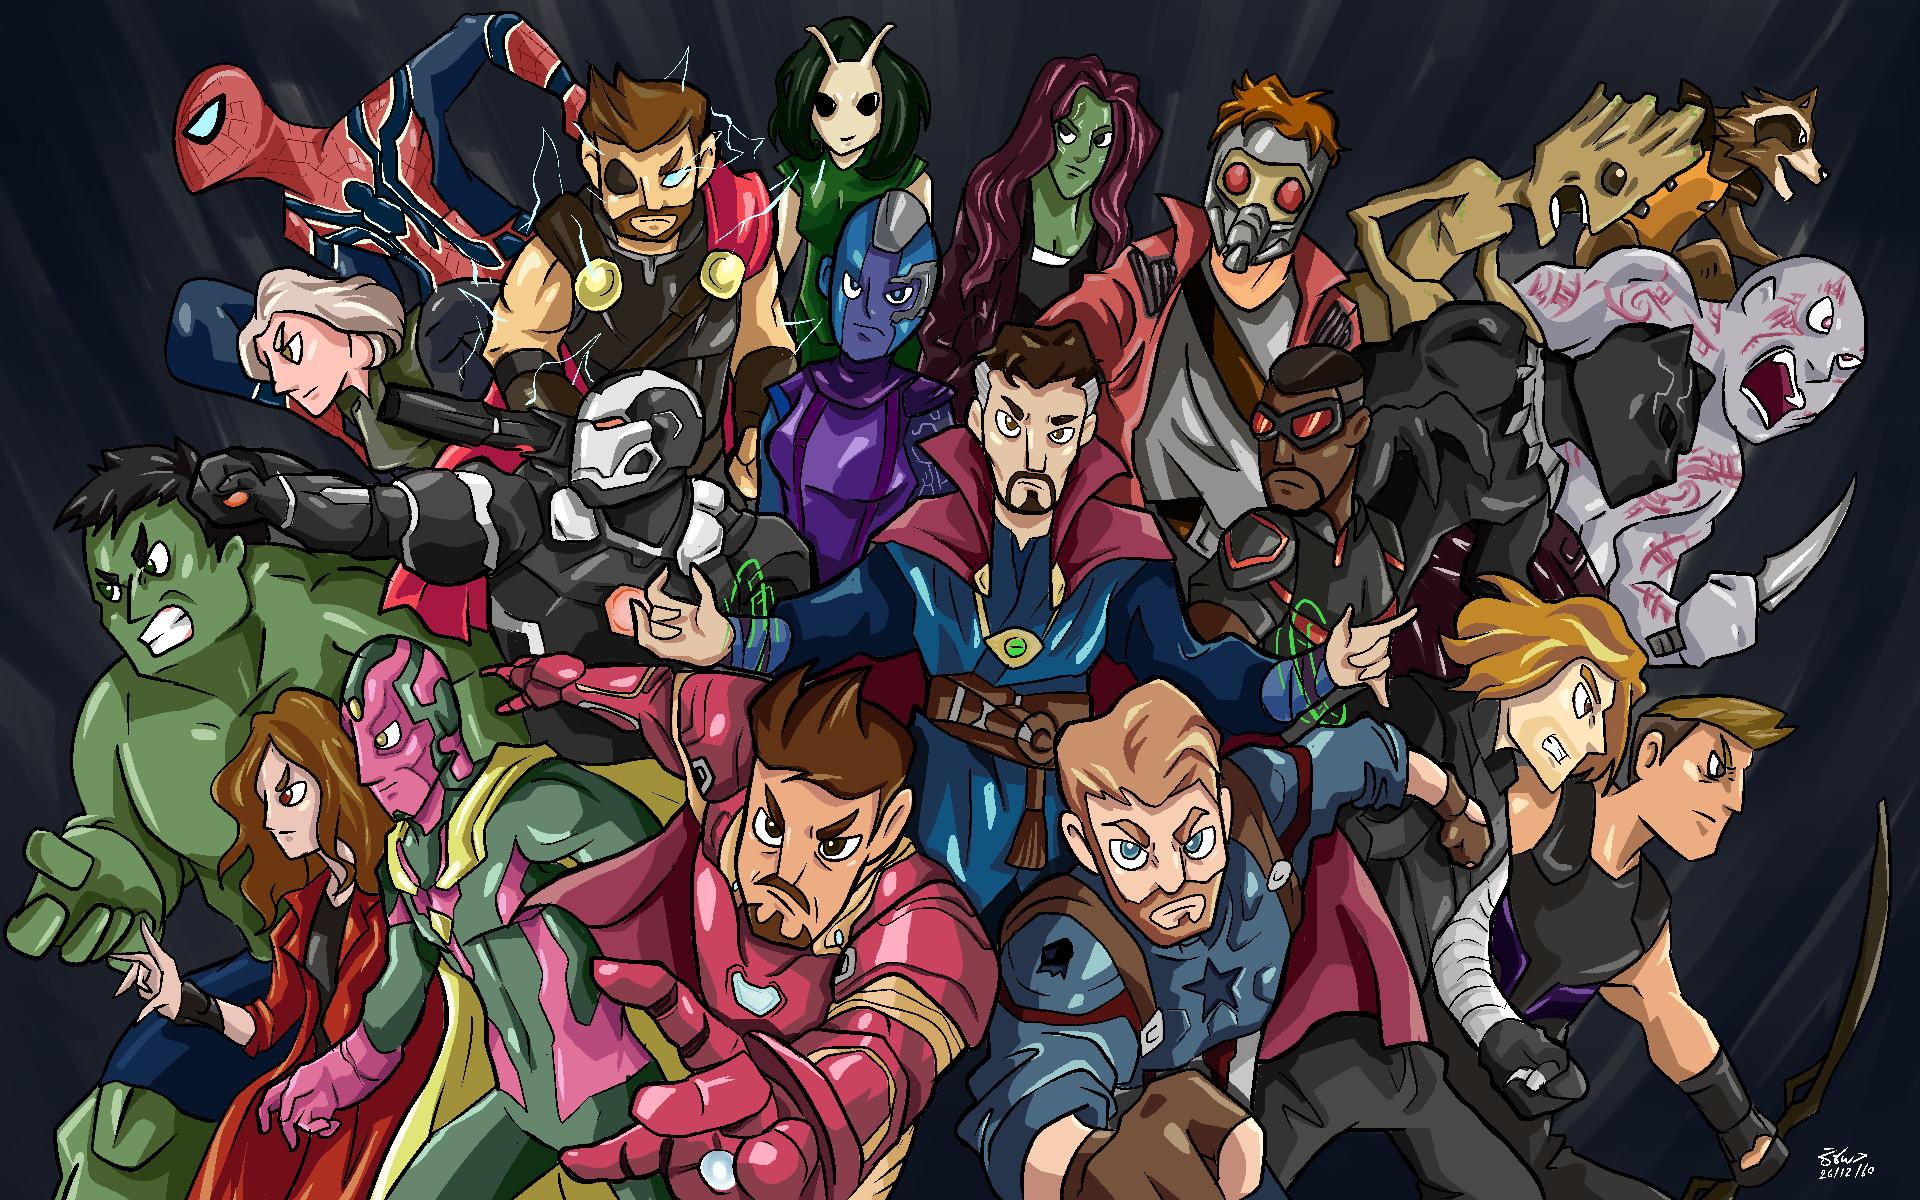 2048x1152 Pubg Fan Art 2048x1152 Resolution Hd 4k: 2048x1152 Avengers Infinity War Hero Side Fan Art